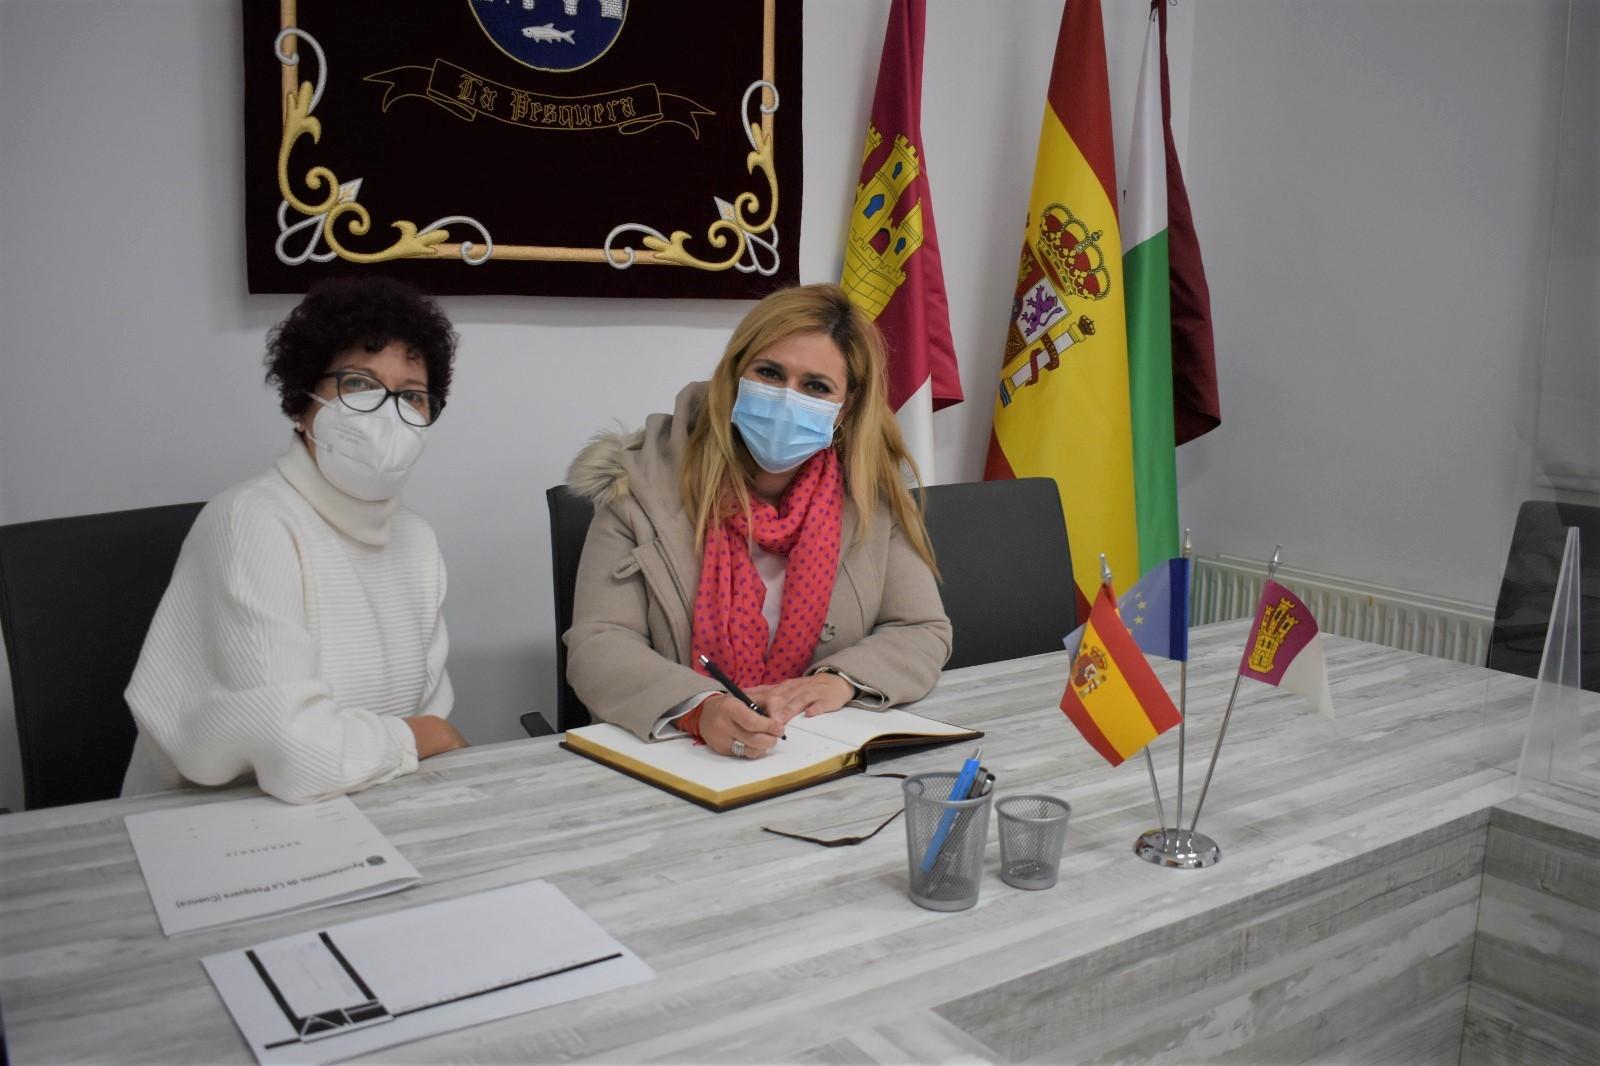 El Gobierno regional y el Ayuntamiento de La Pesquera acometen la modernización y mejora del centro educativo de la localidad